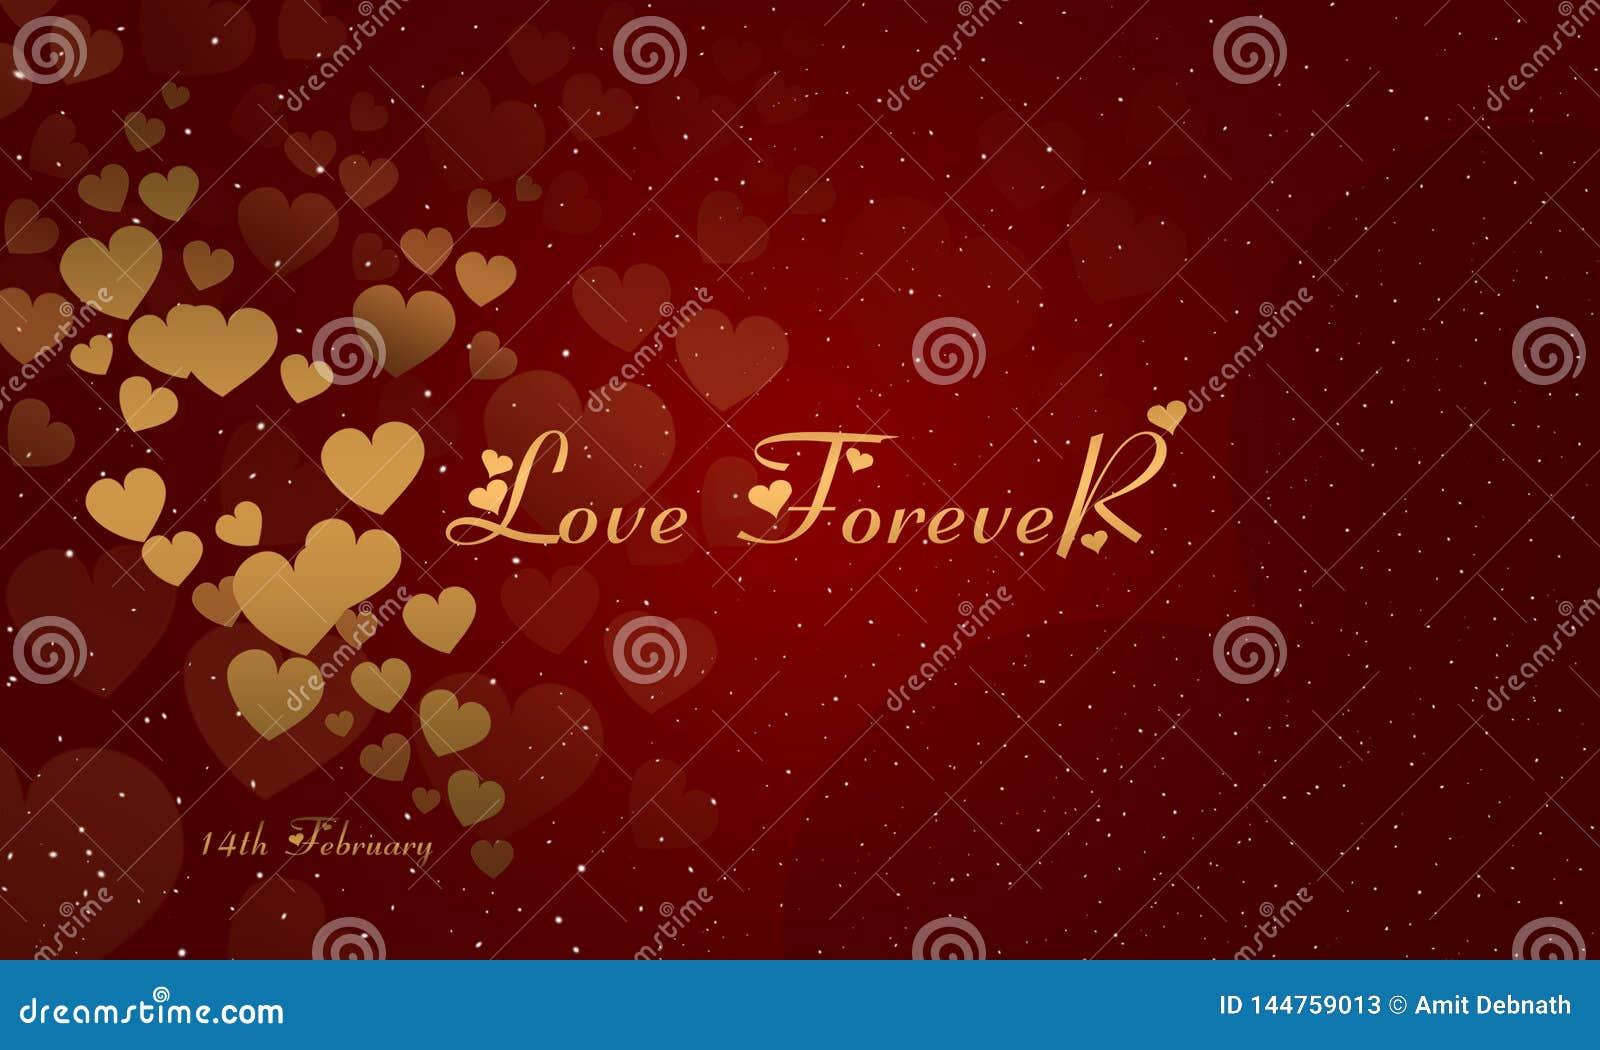 Valentinsgru?tageshintergrund Karte der Liebe Day Rote Rose Liebe f?r immer